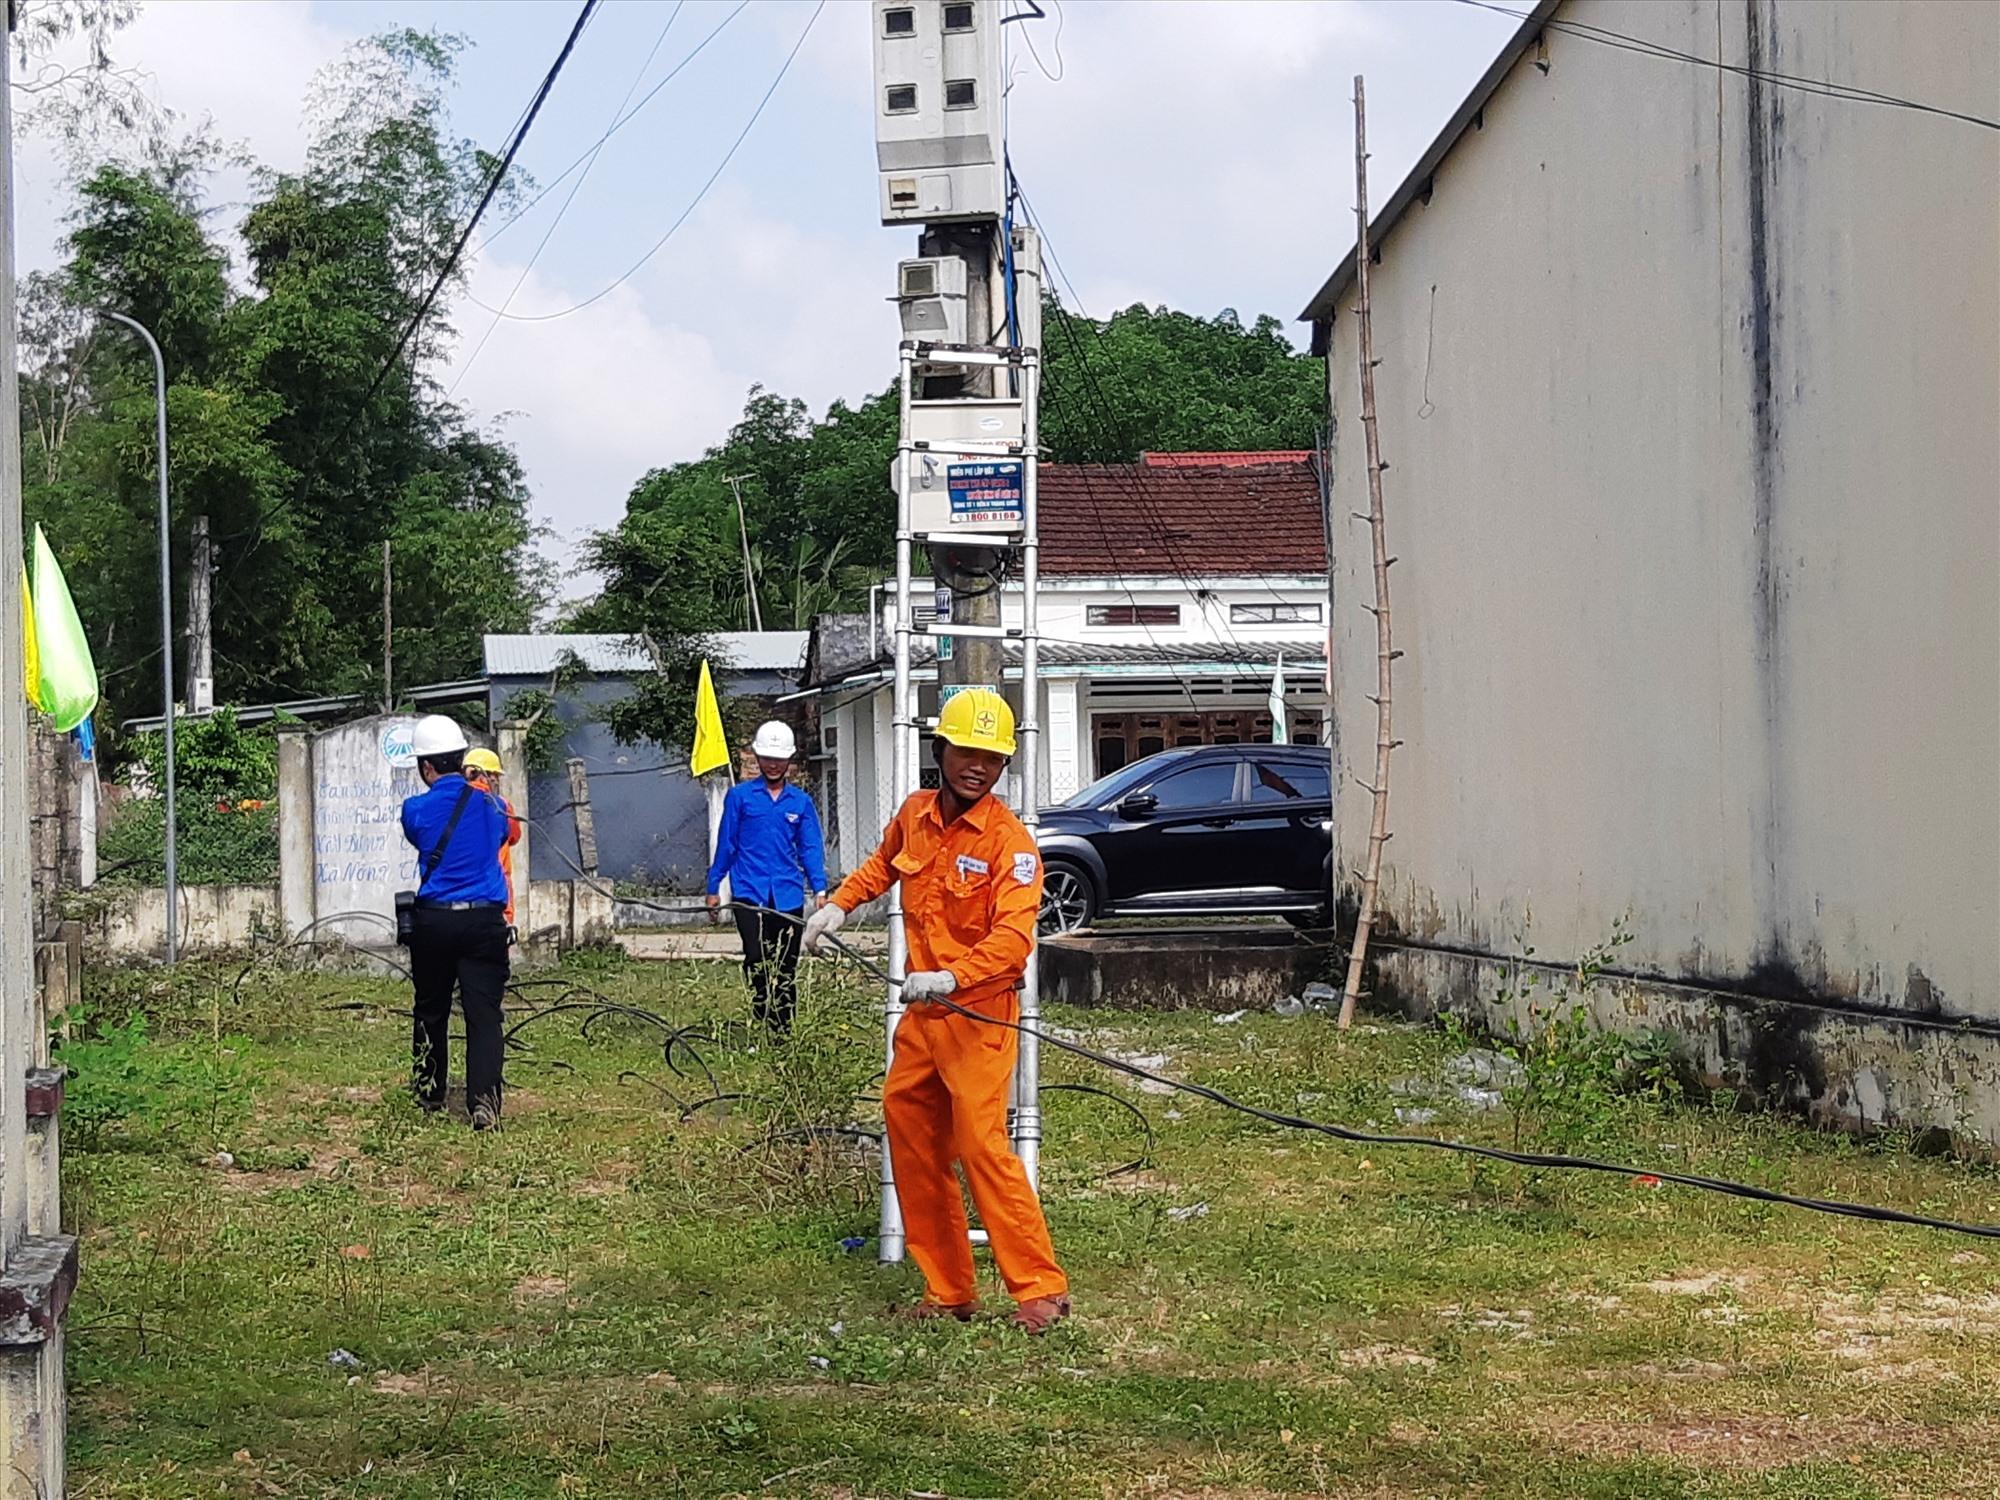 Kéo đường dây điện tạo hệ thống điện thắp sáng đường quê tại xã Tam Phú, Tam Kỳ. Ảnh: HOÀNG LIÊN